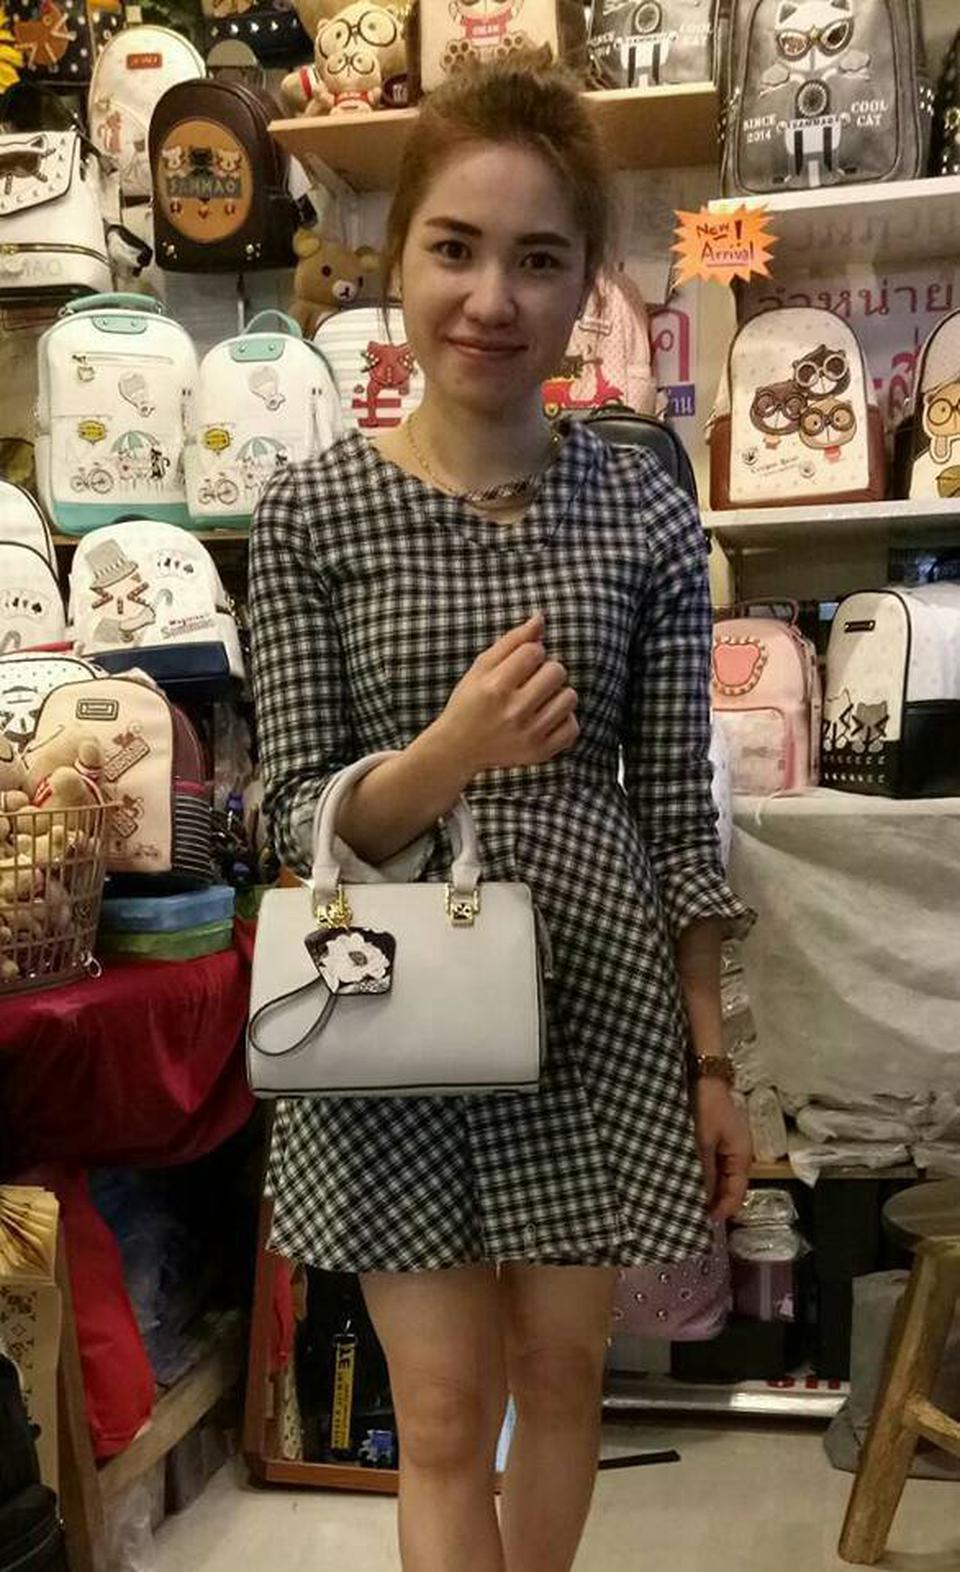 กระเป๋าแฟชั่น ราคาเบาๆ by ร้านกระเป๋าวันทิพย์ รูปที่ 3